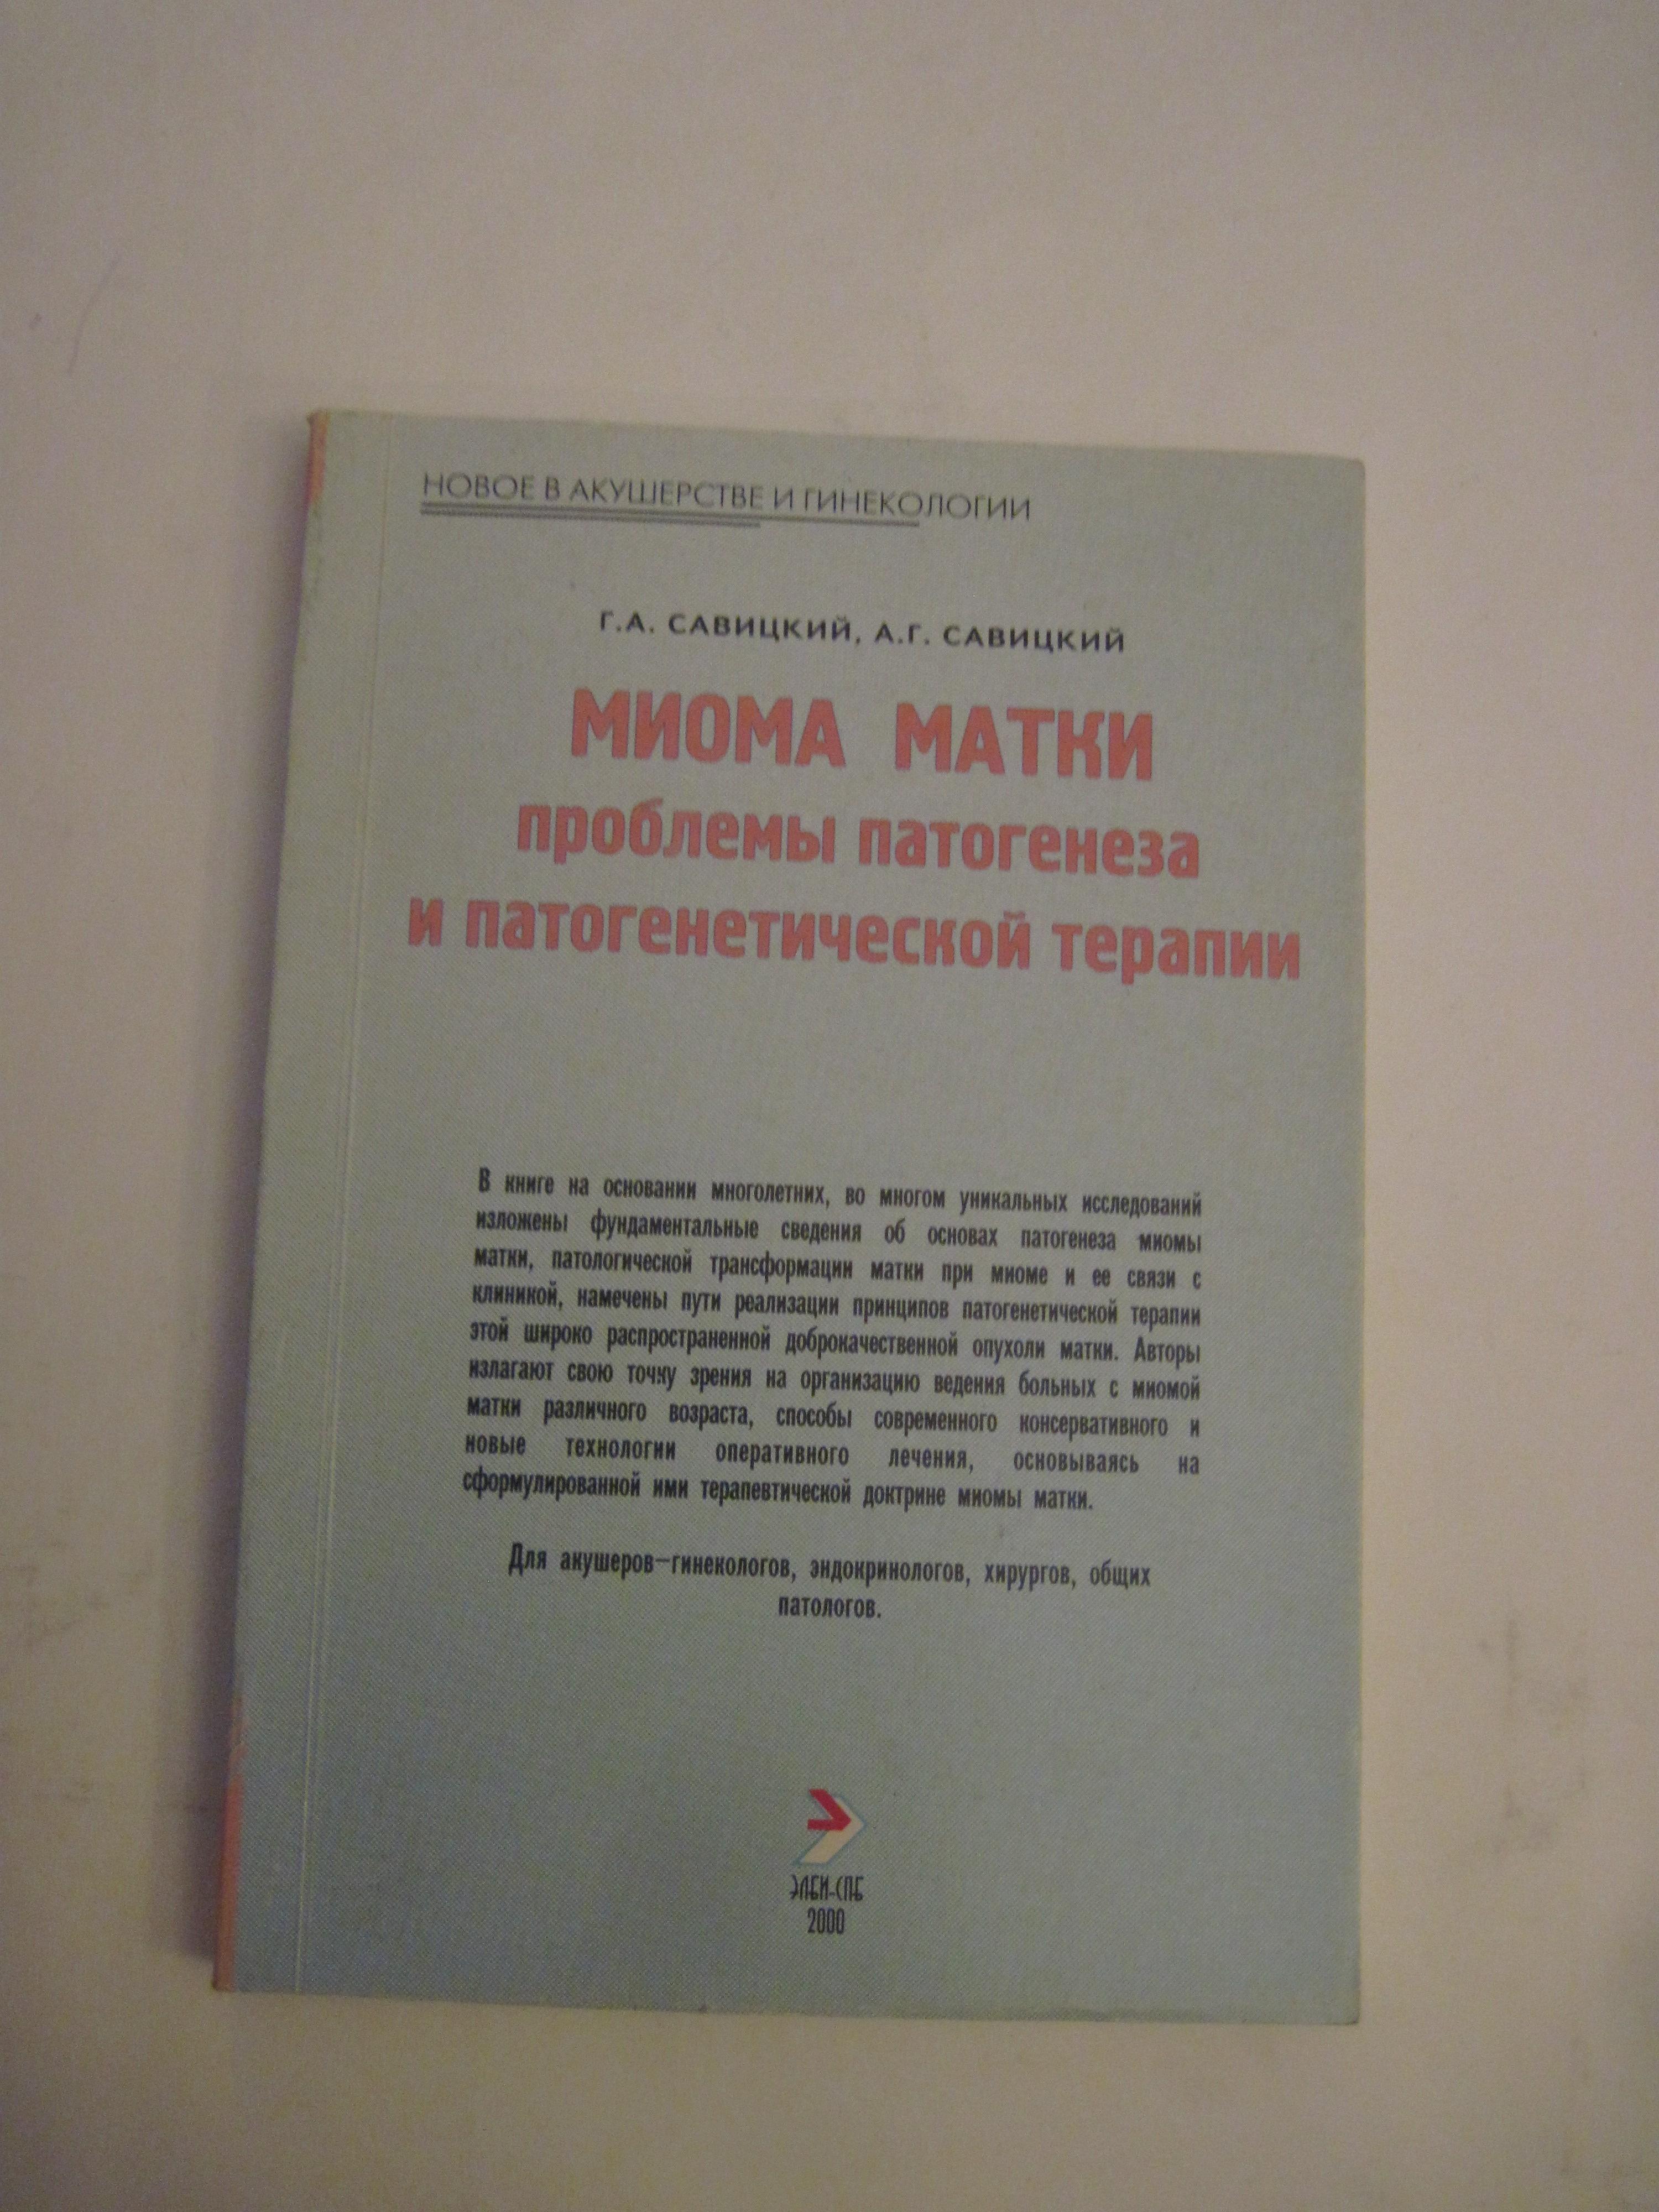 Г. А. Савицкий, А. Г. Савицкий Миома матки: Проблемы патогенеза и патогенетической терапии цена